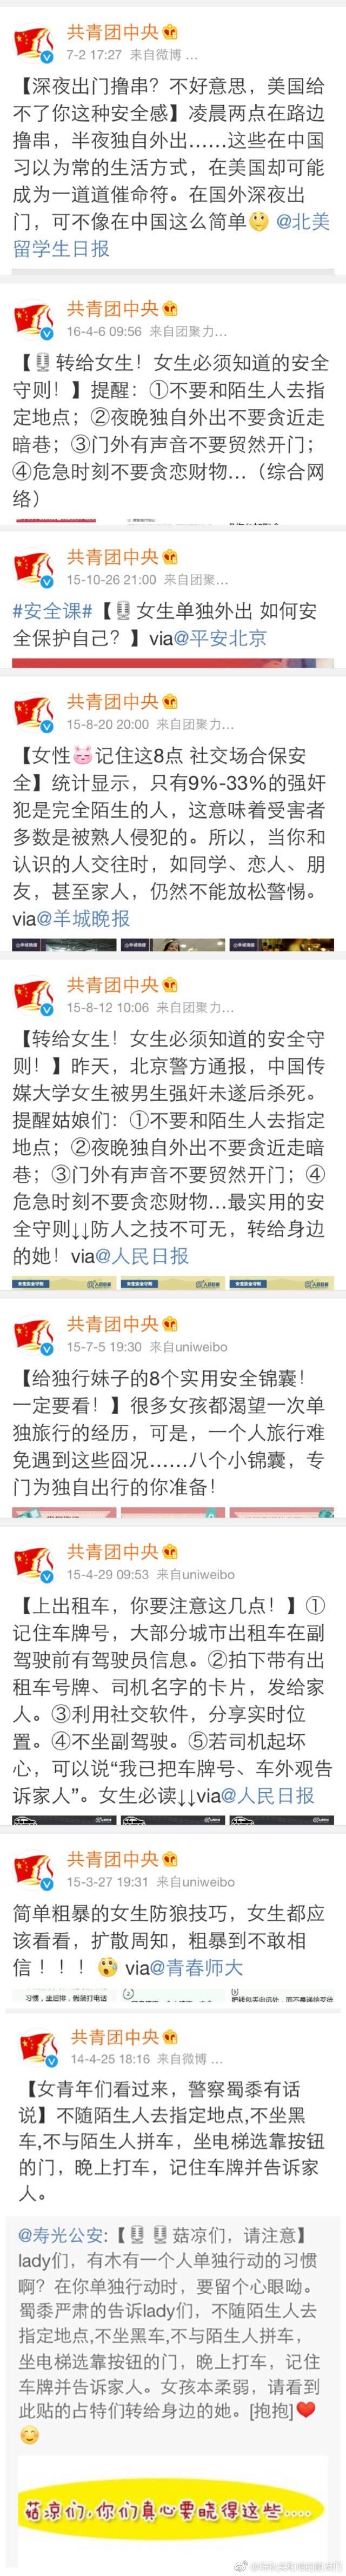 """【对比新闻】中国到底给不给得了""""深夜撸串""""的安全感?"""